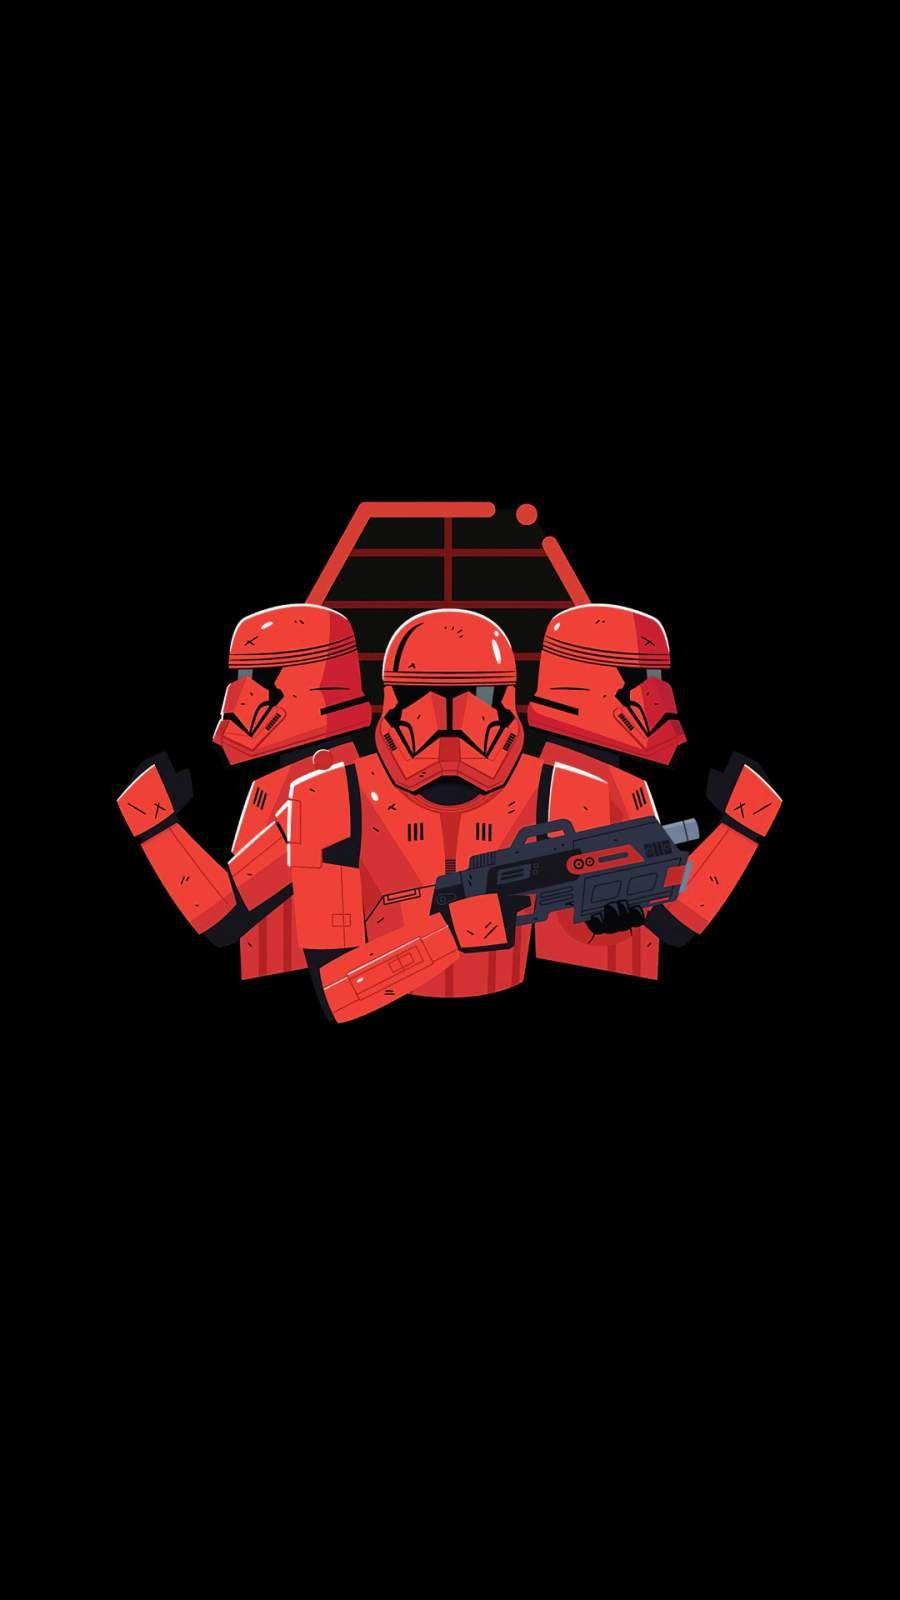 Star Wars Stormtrooper Iphone Wallpaper In 2020 Star Wars Movies Ranked Star Wars Wallpaper Iphone Star Wars Art